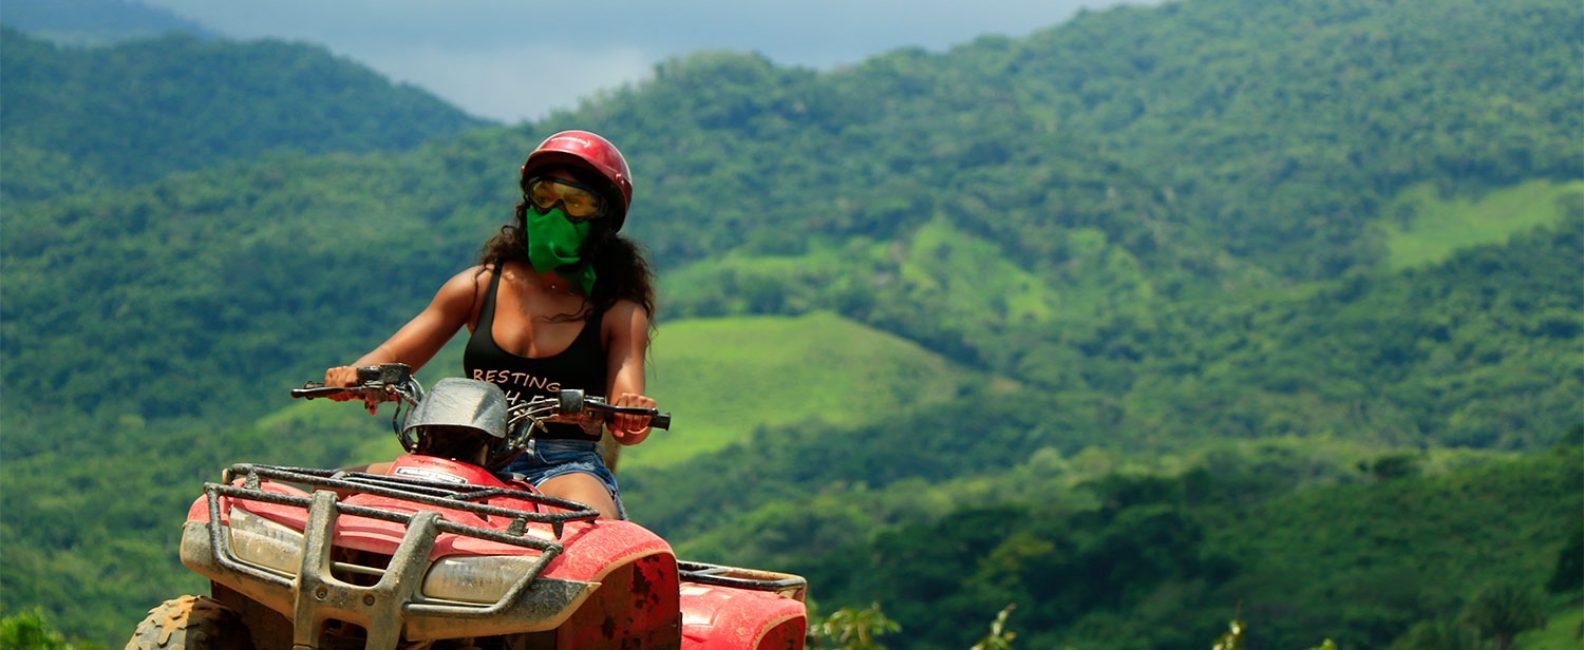 Mujer en ATV